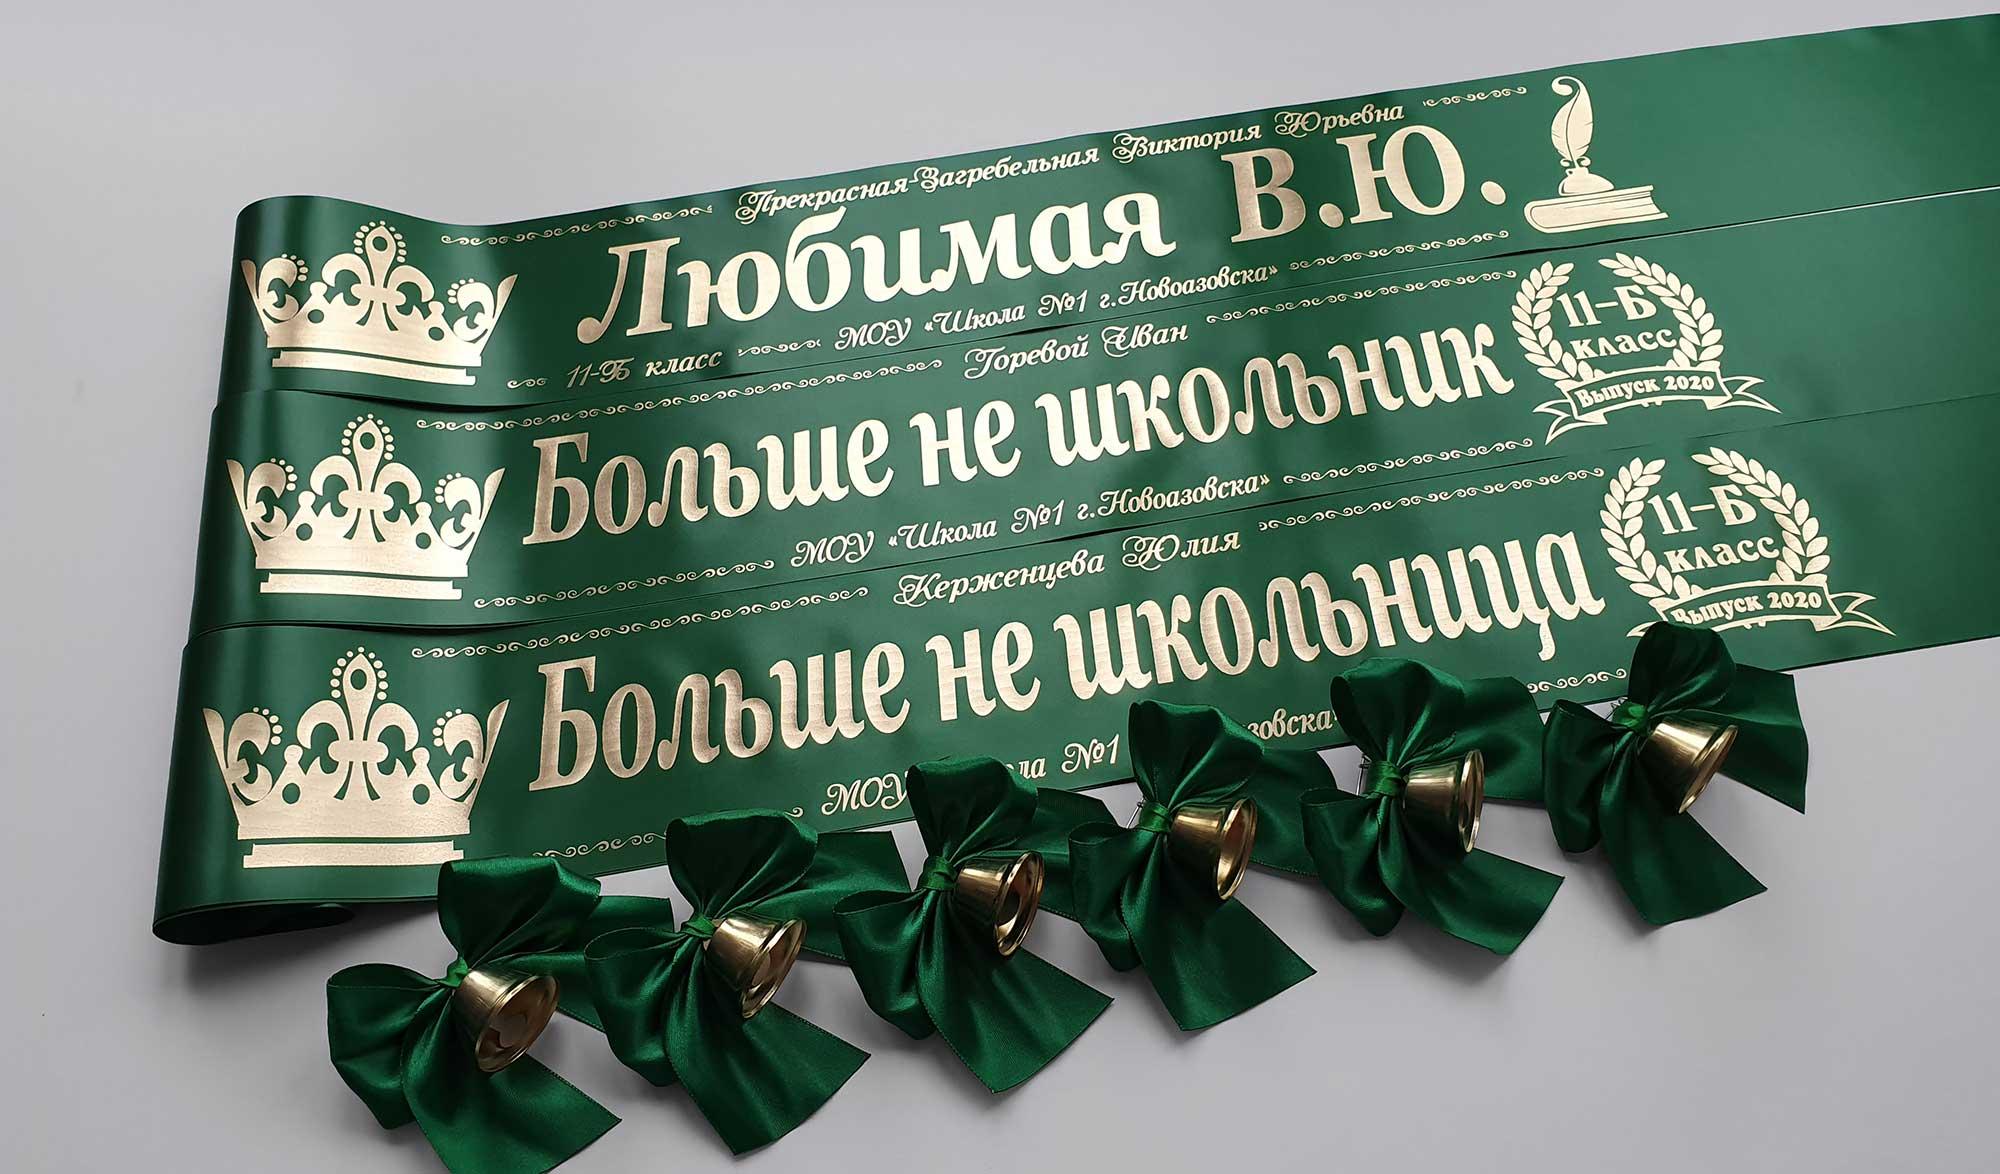 Ленты выпускник зеленого цвета